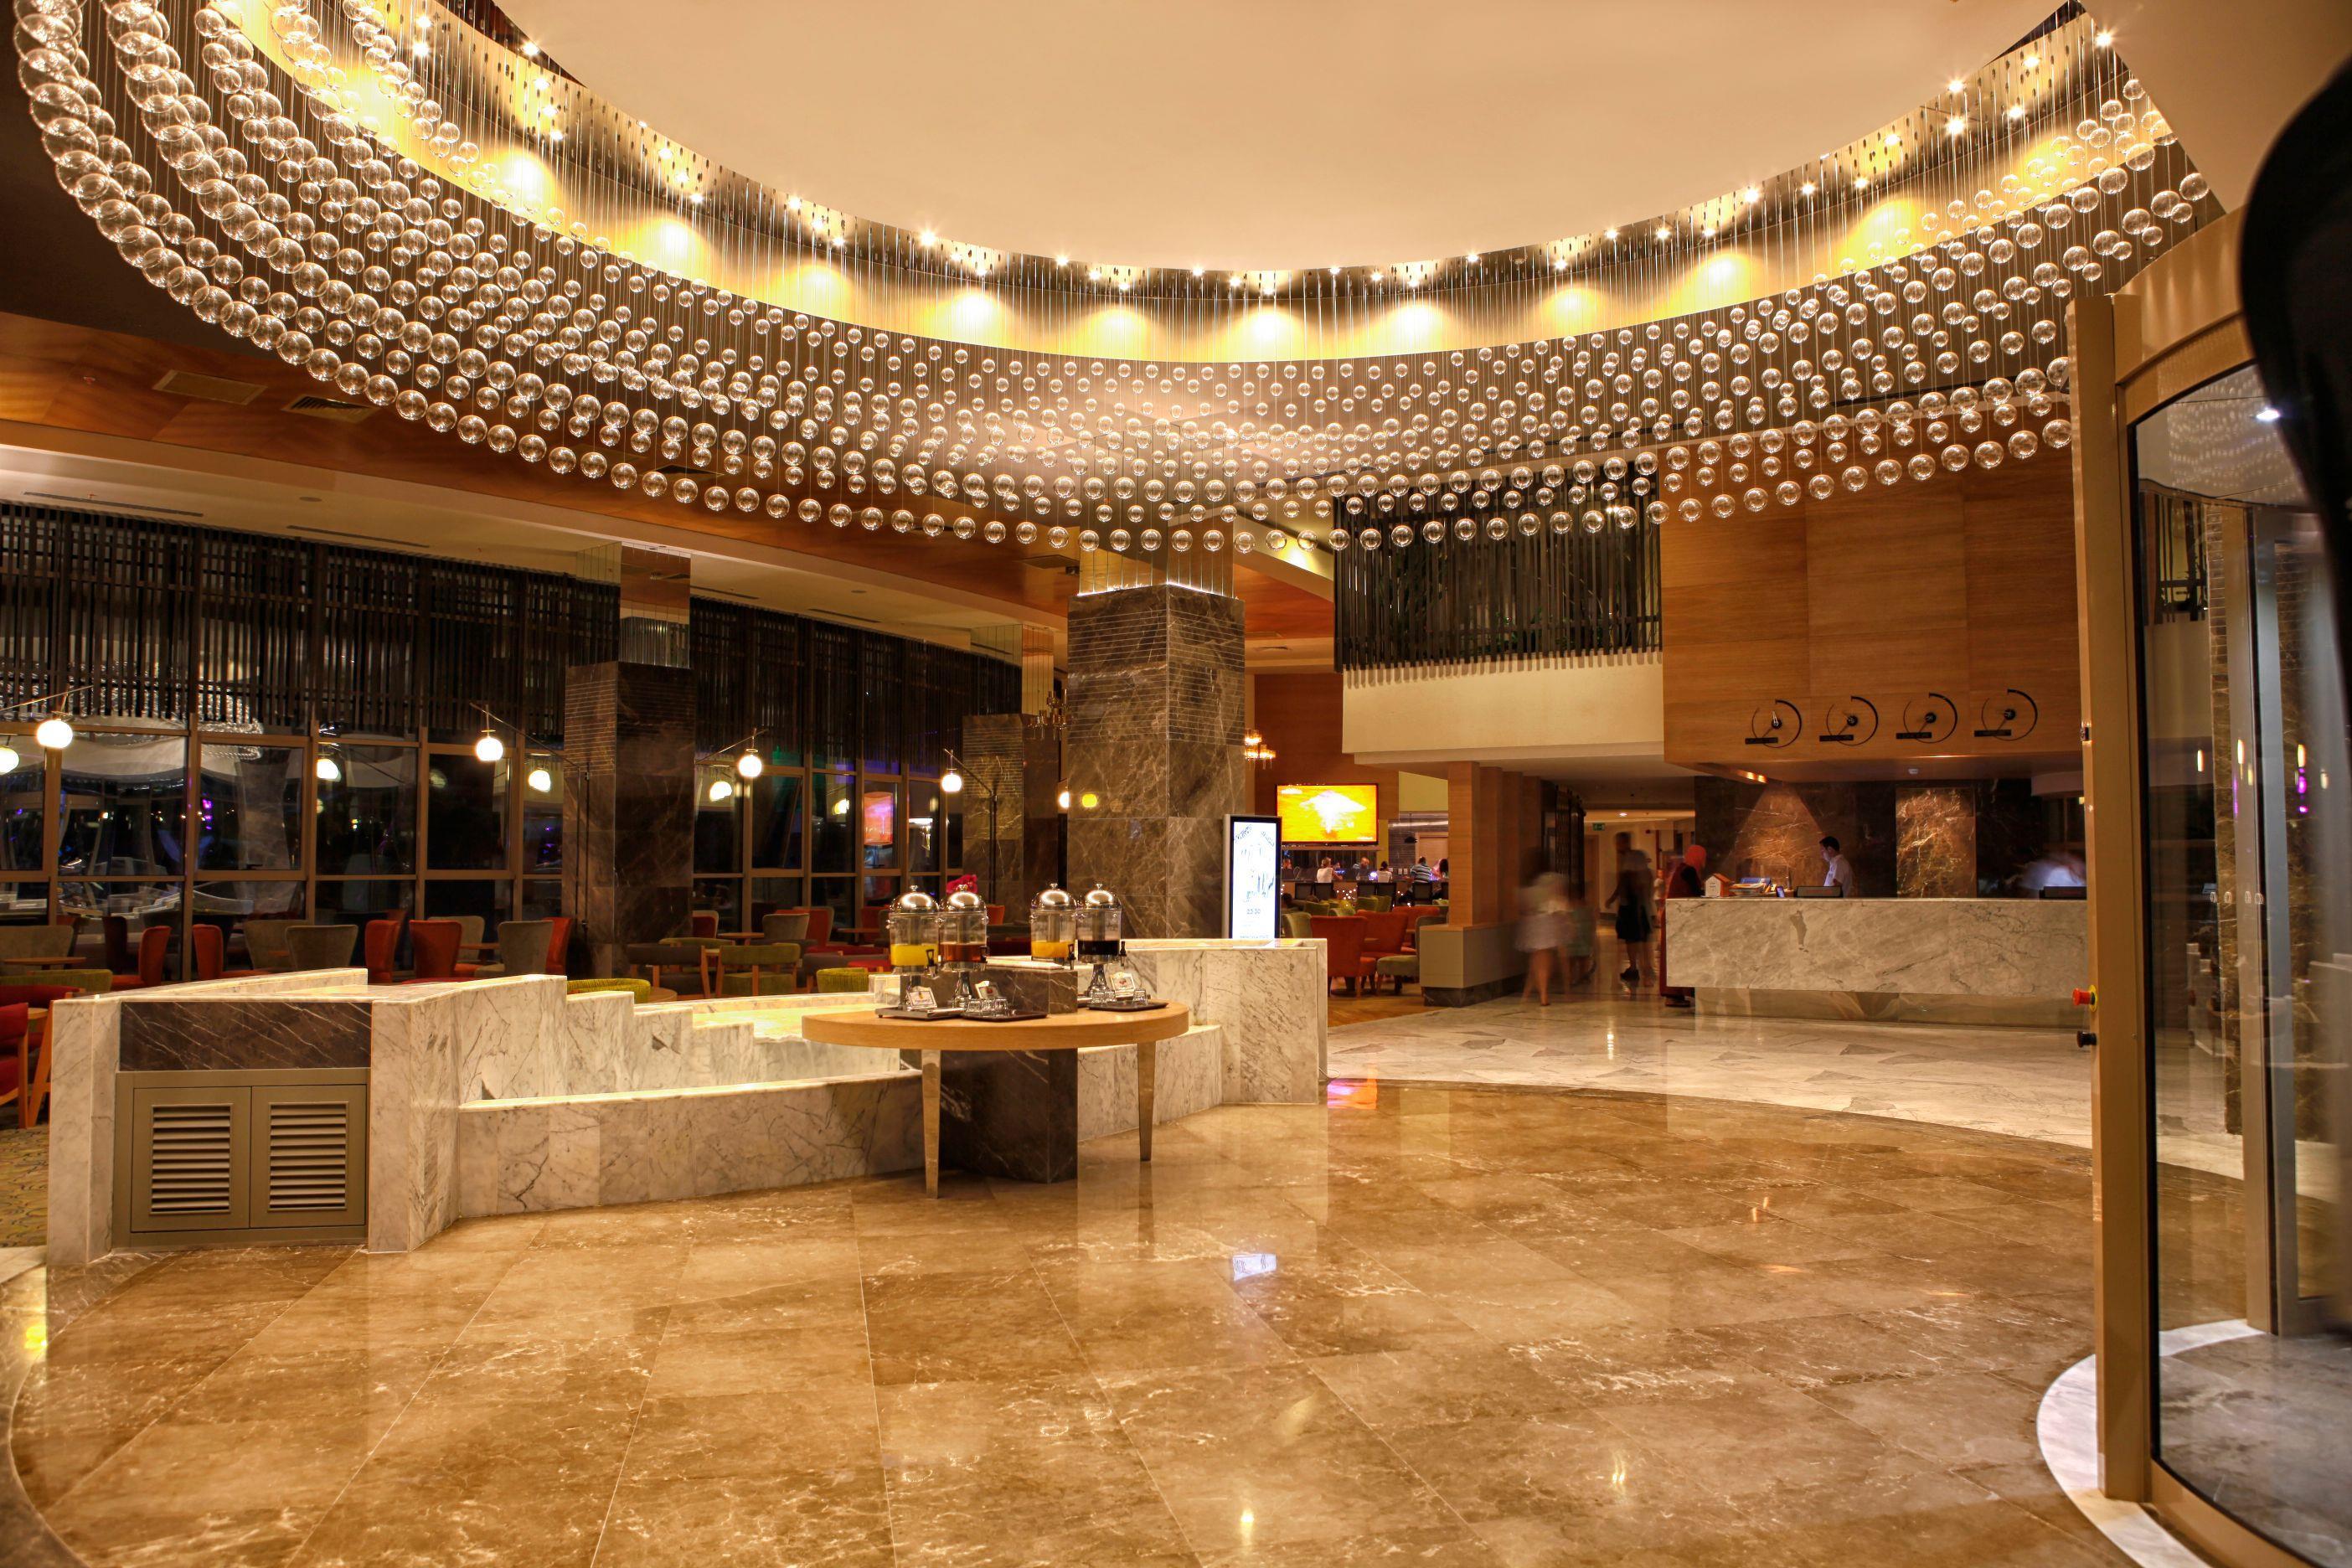 LONG BEACH HARMONY HOTEL*****